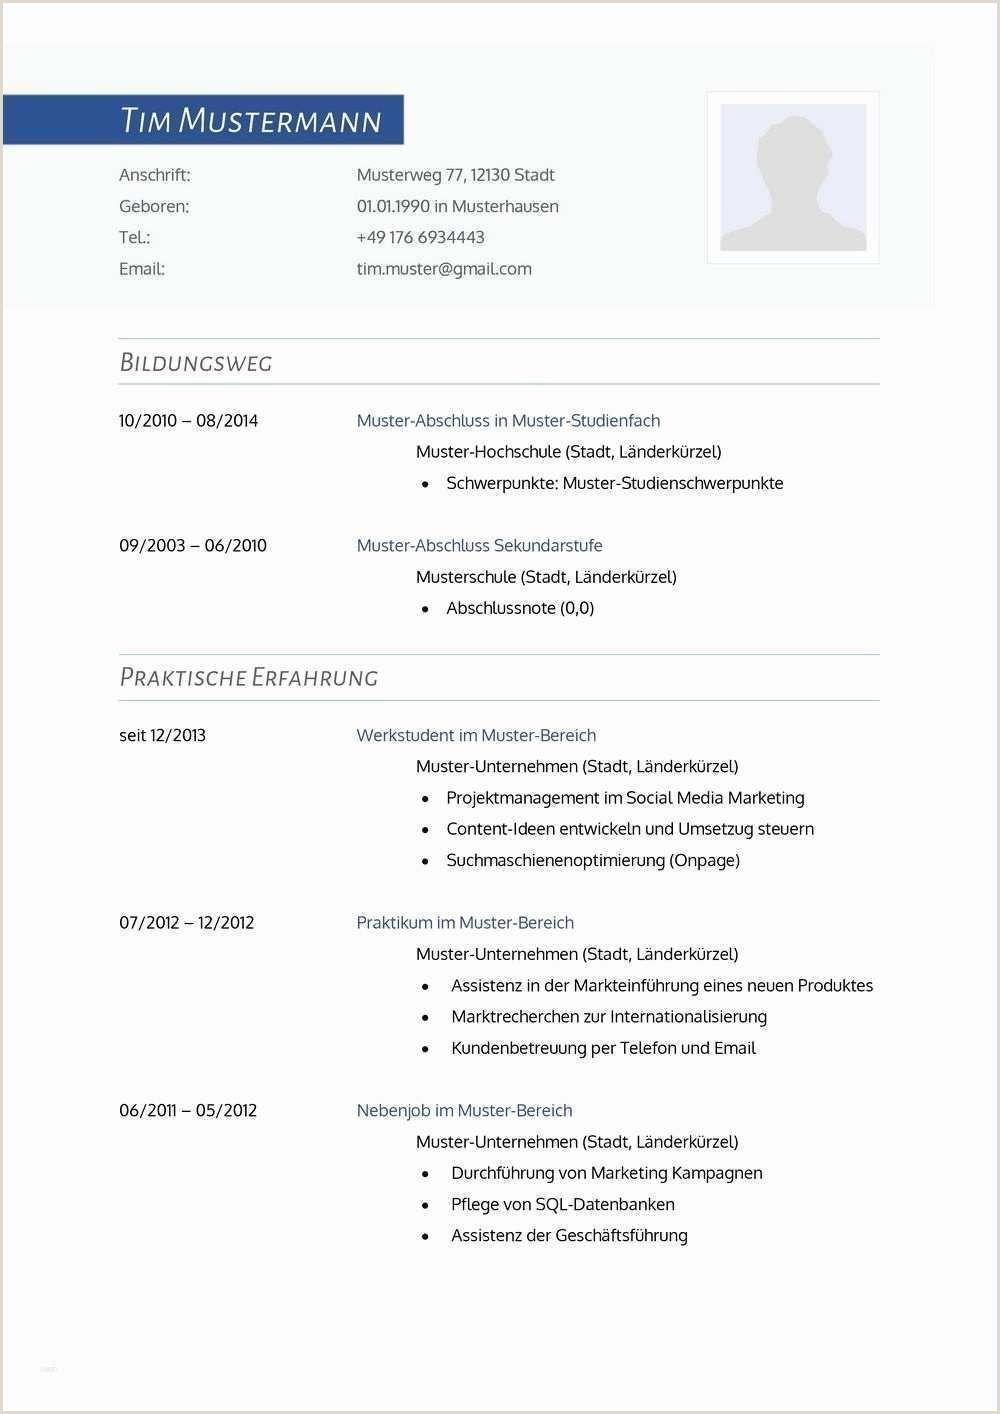 Lebenslauf Vorlage Einfach Schuler In 2020 Resume Template Free Resume Template Document Templates